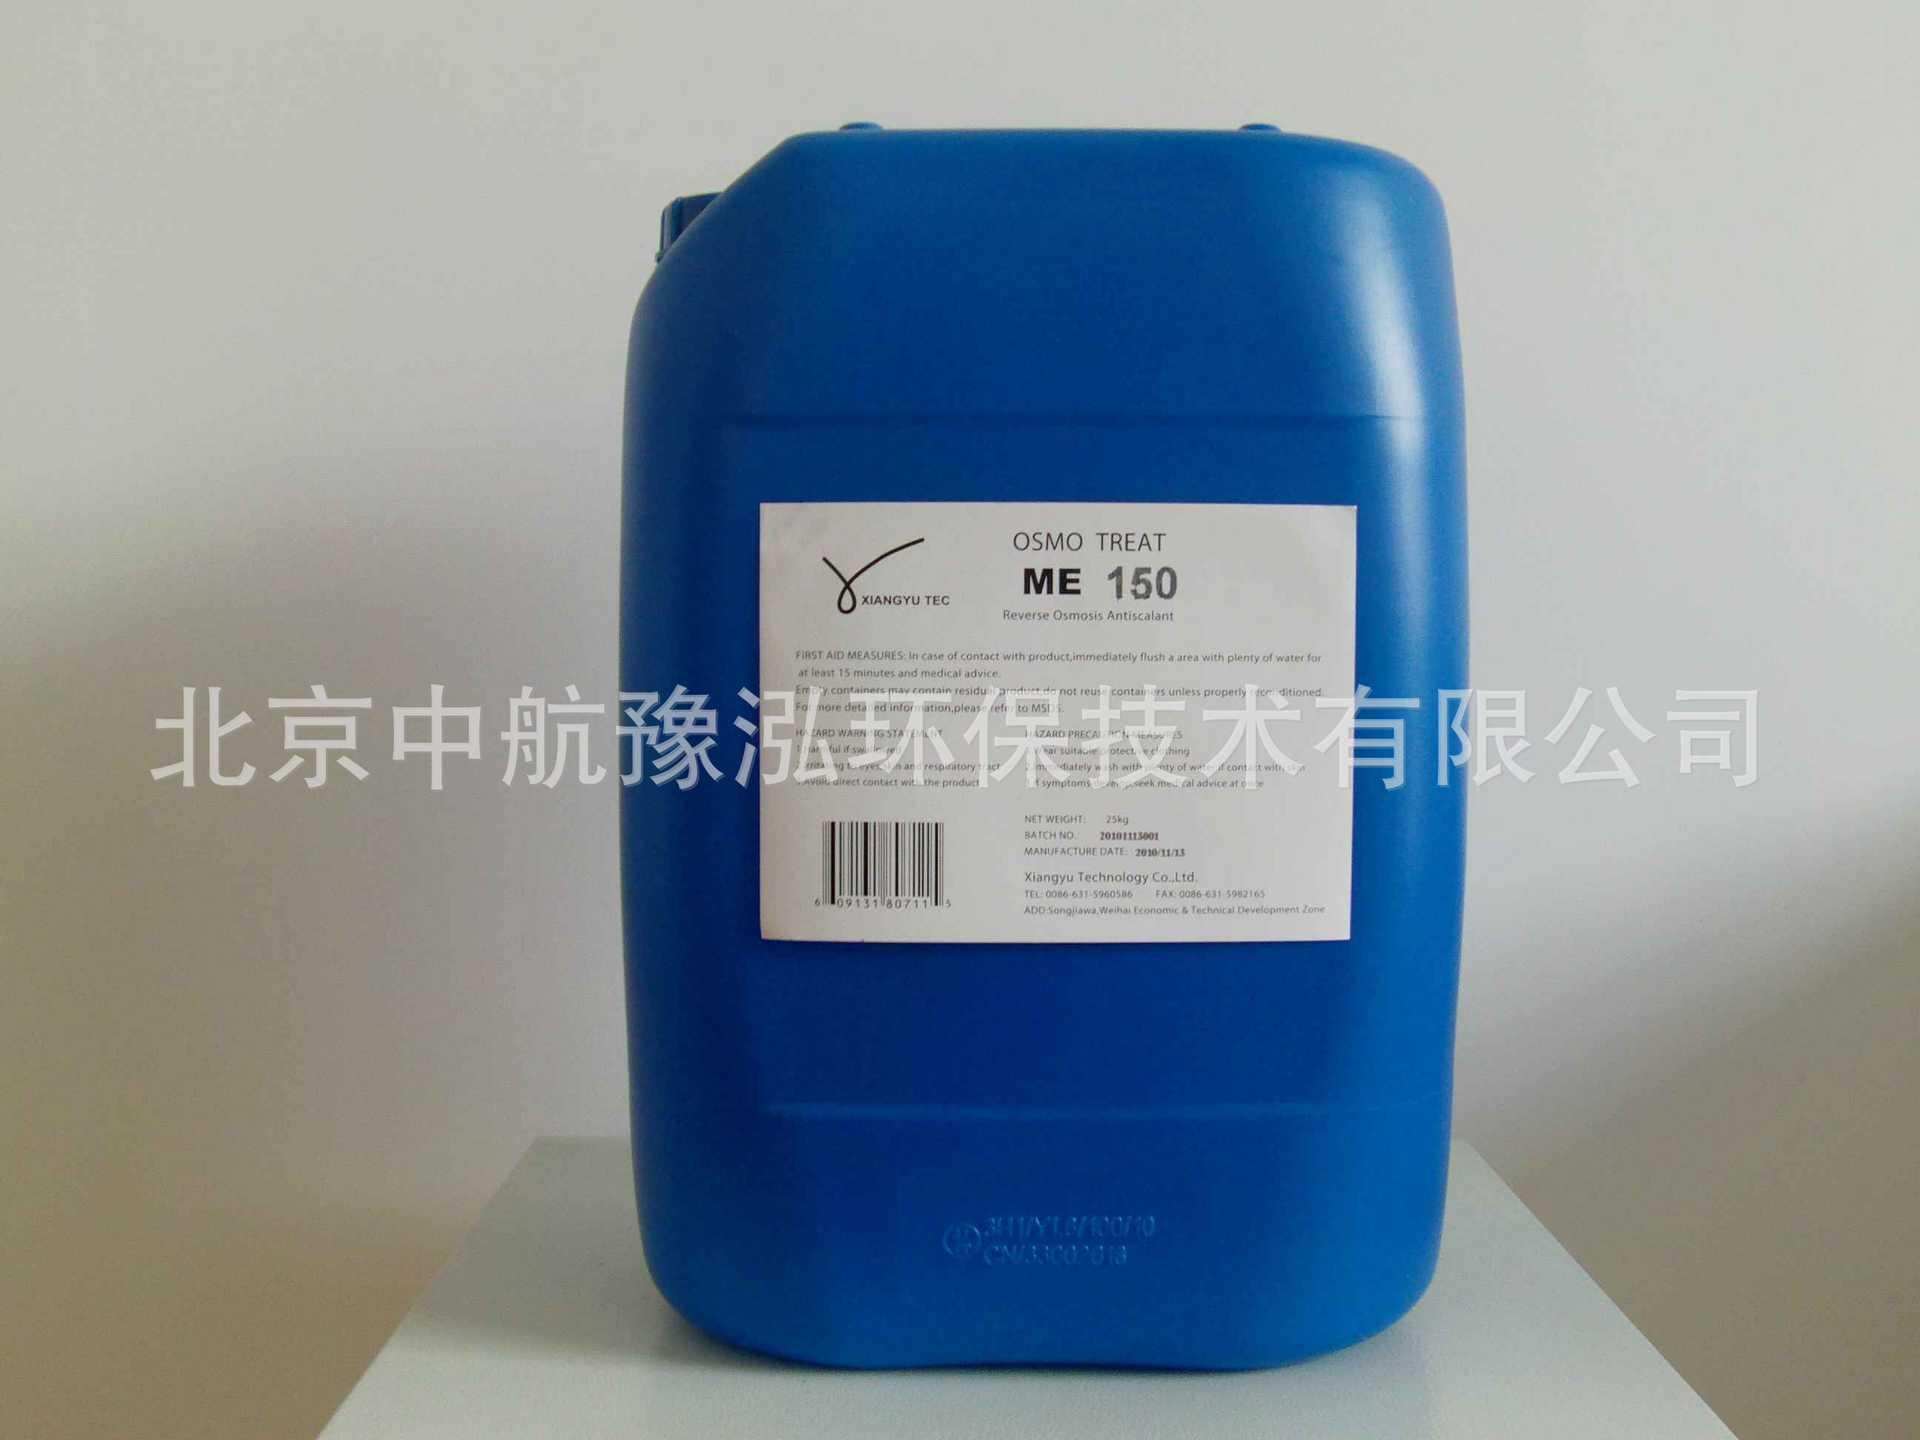 聚合硫酸铁 HEDPATMP 锅炉阻垢剂 中航豫泓